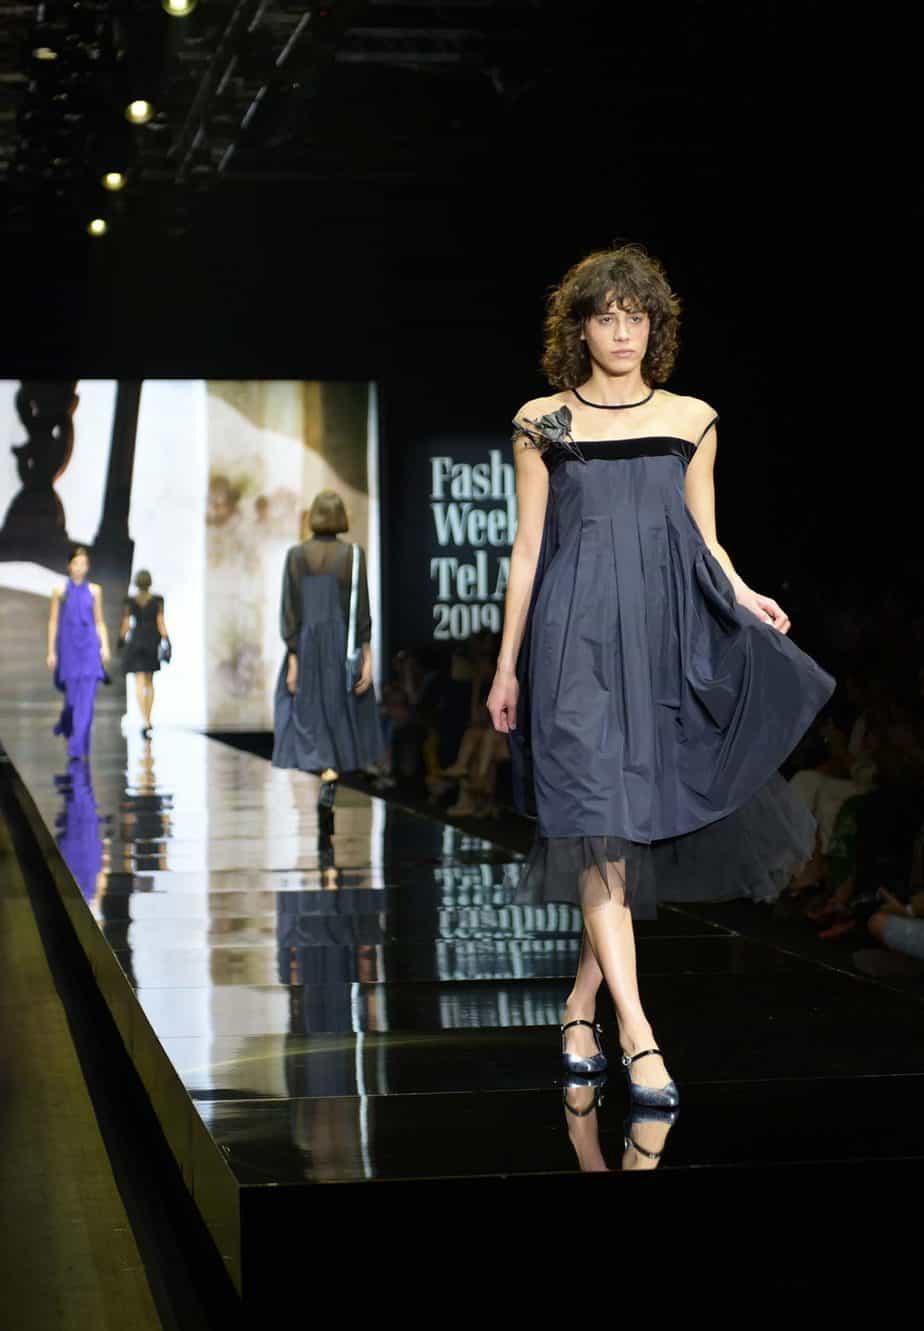 דורין פרנקפורט. שבוע האופנה תל אביב 2019. צילום סרג'ו סטרודובצב - 13